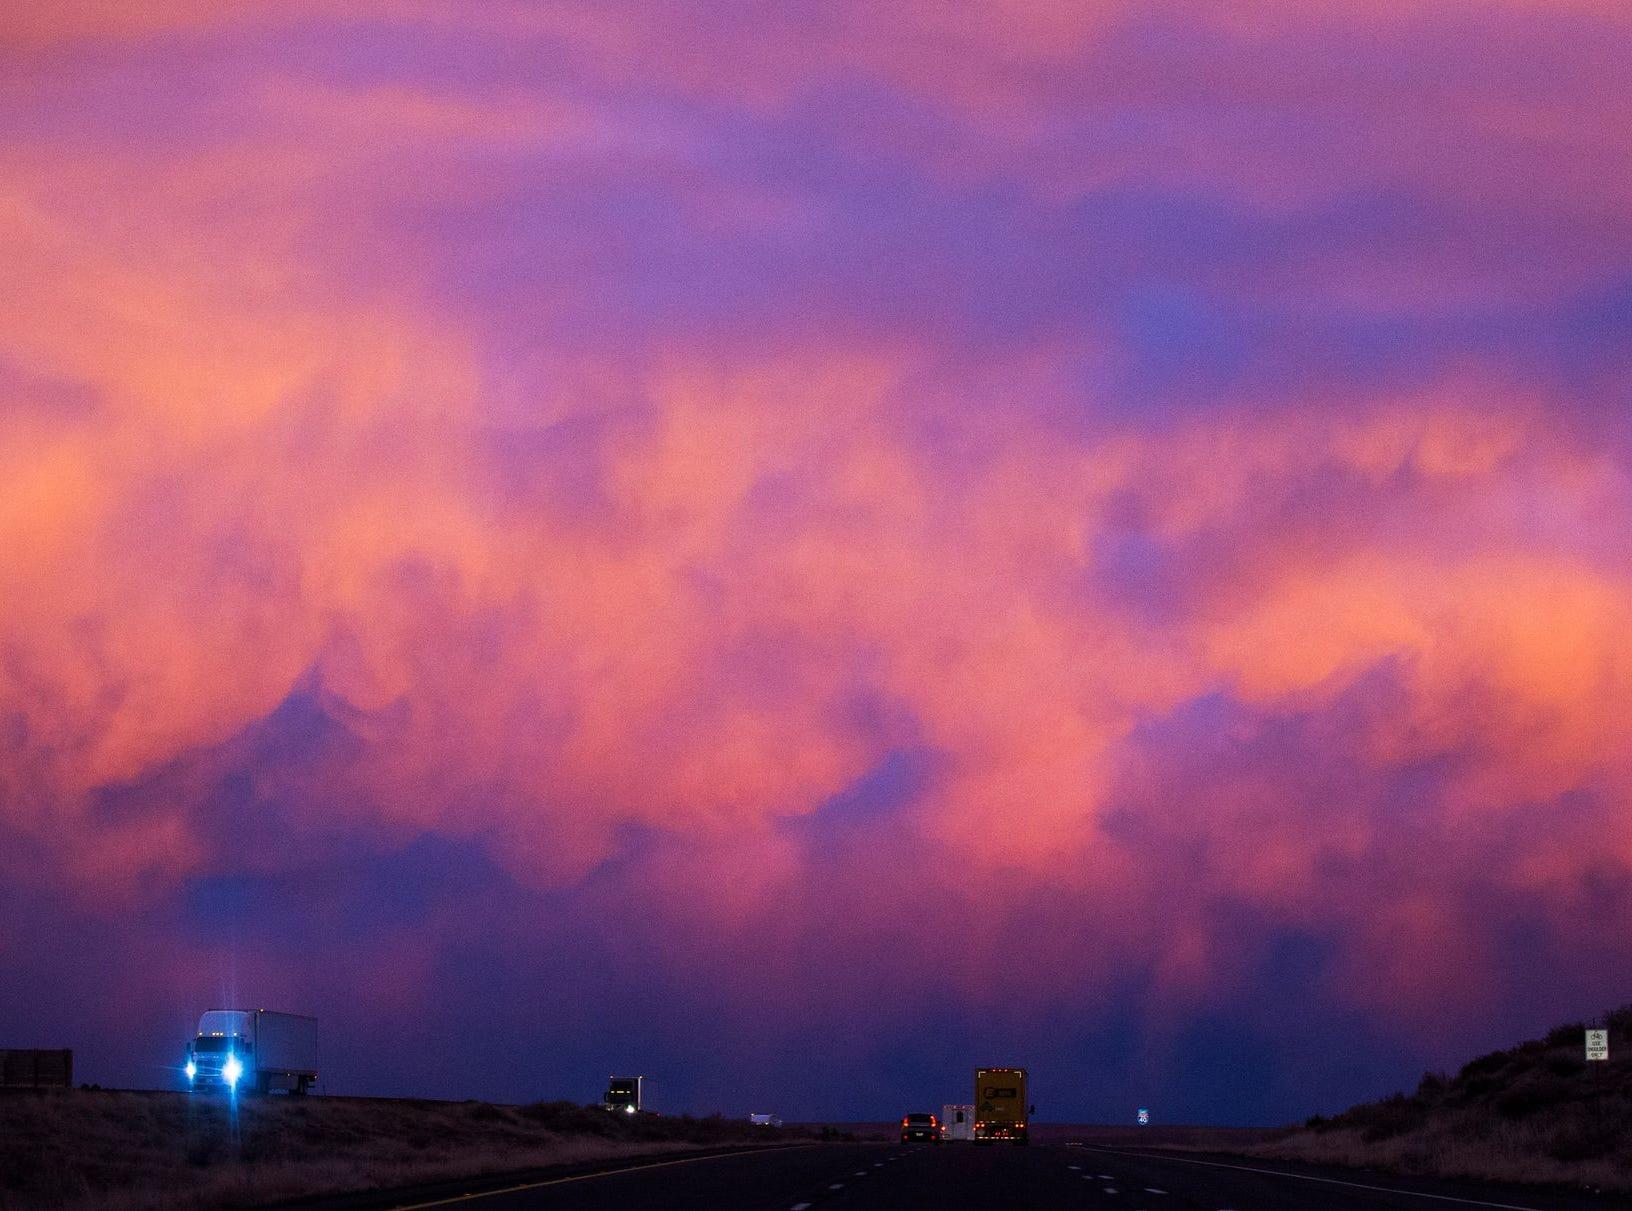 Los vehículos están iluminados por la puesta de sol mientras el tráfico pasa por debajo de la I-40 cerca de Sanders, Arizona, el 23 de febrero de 2017.